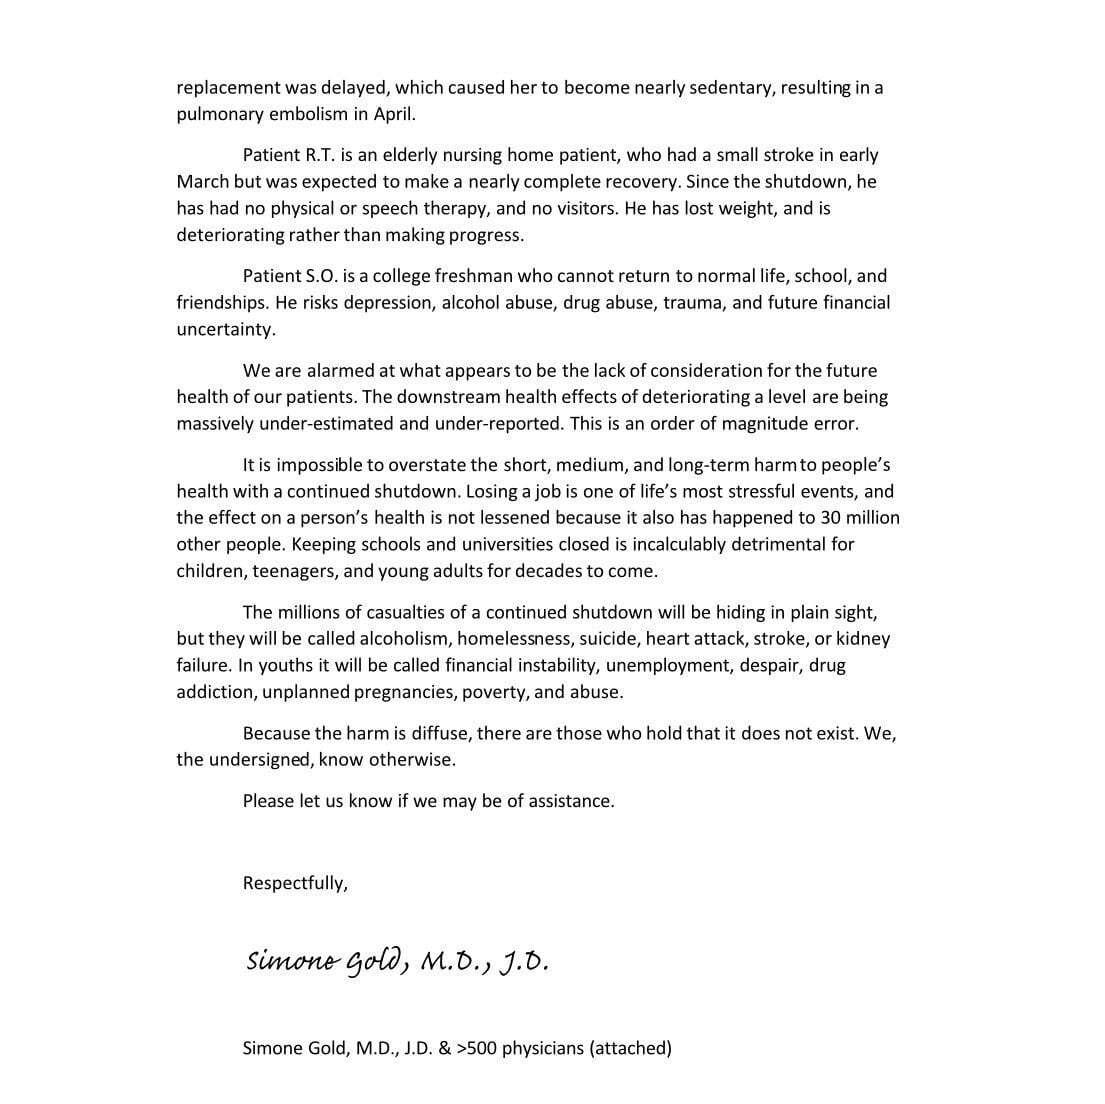 Letter warning dangers of lockdown